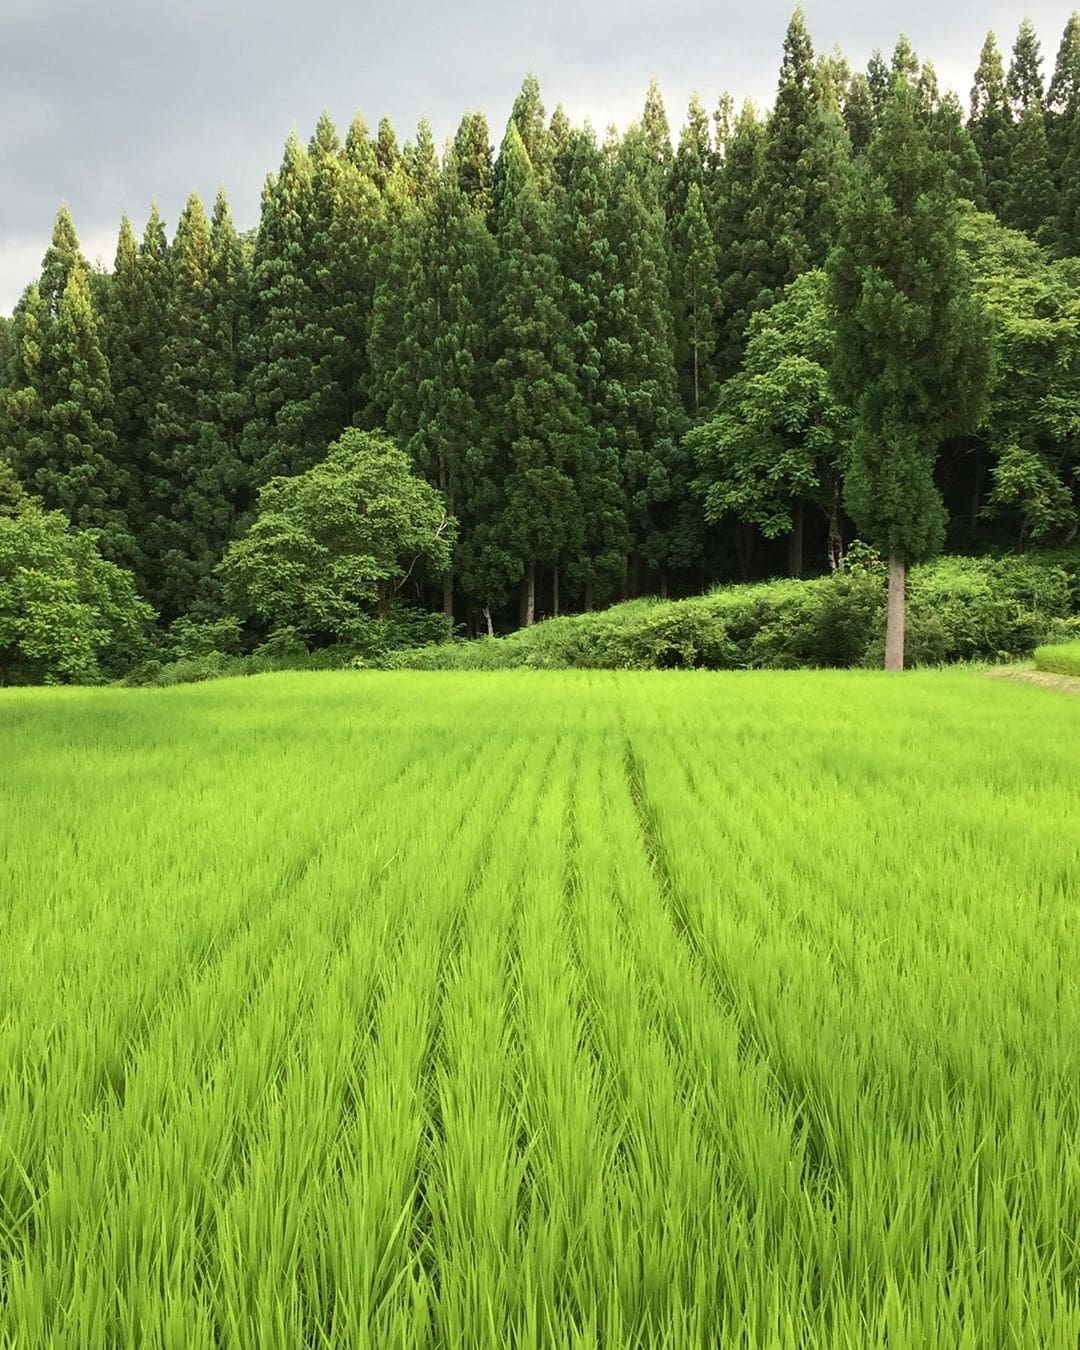 Nein, auf diesem Bild liegt tatsächlich kein Filter – die Reisfelder in den Japanischen Alpen erstrahlen wirklich so grün. Redakteurin @marie.worldwild war für uns zu Besuch im @satoyamajujo – und hat ein noch unentdecktes Juwel in den Bergen gefunden. @design_hotels #wellnessgoals #farmtotable #design #auszeit #japan #japanalps #luxury #hoteltipp #hotel #comewithme #traveldeeper #passionpassport #berge #bergeliebe #gourmet